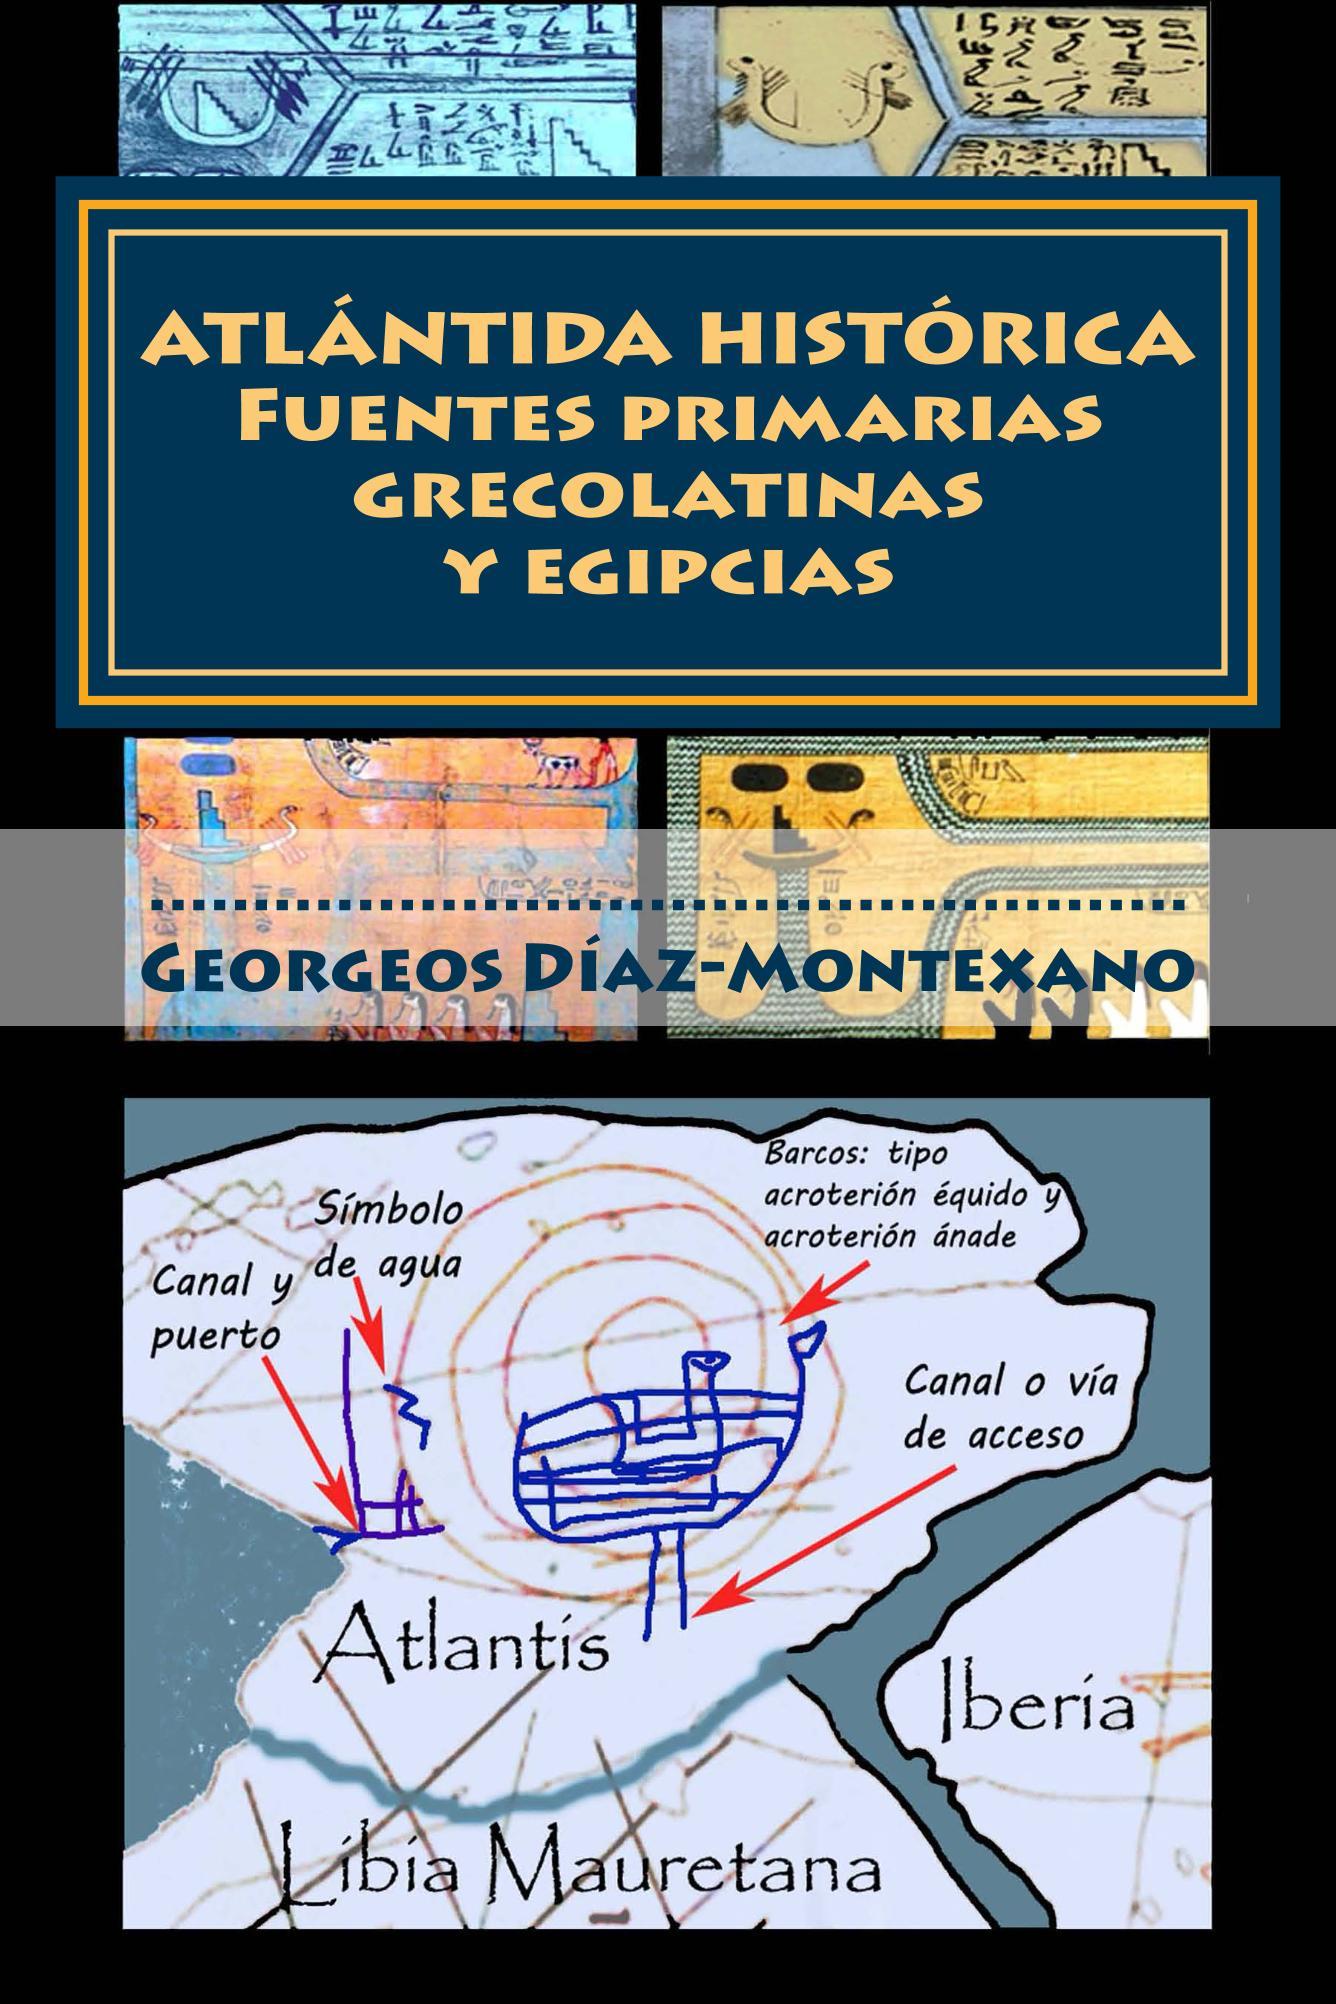 ATLÁNTIDA_HISTÓRICA